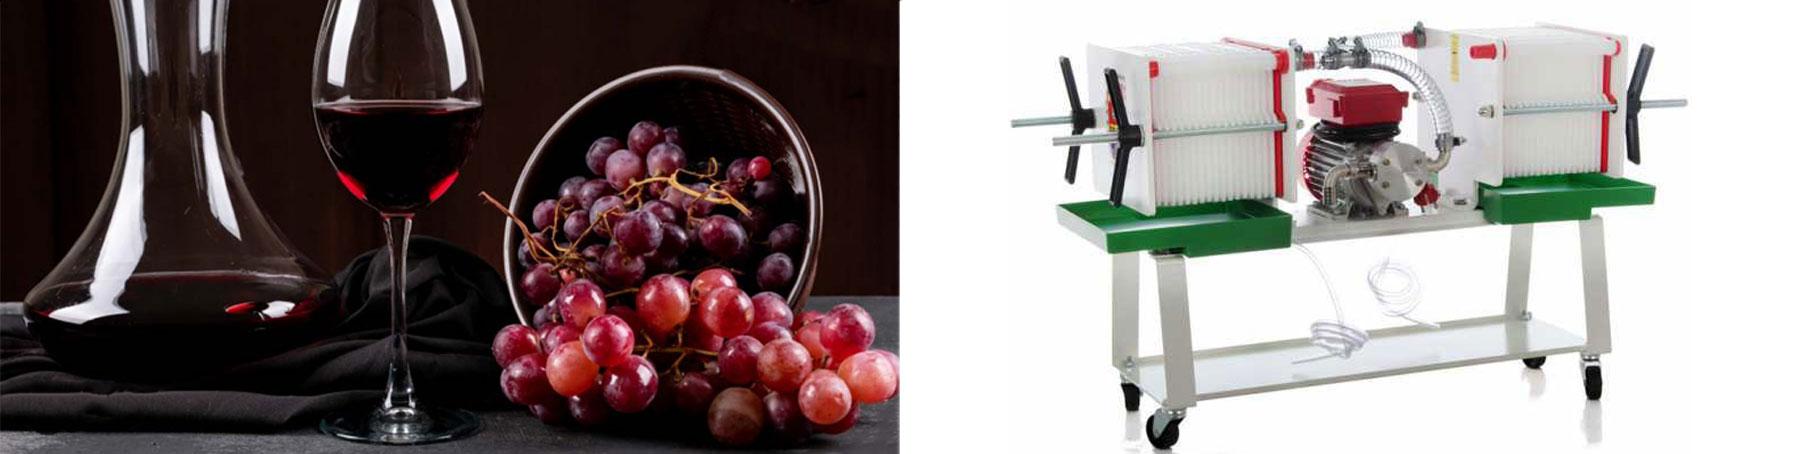 Filtri per vino e olio